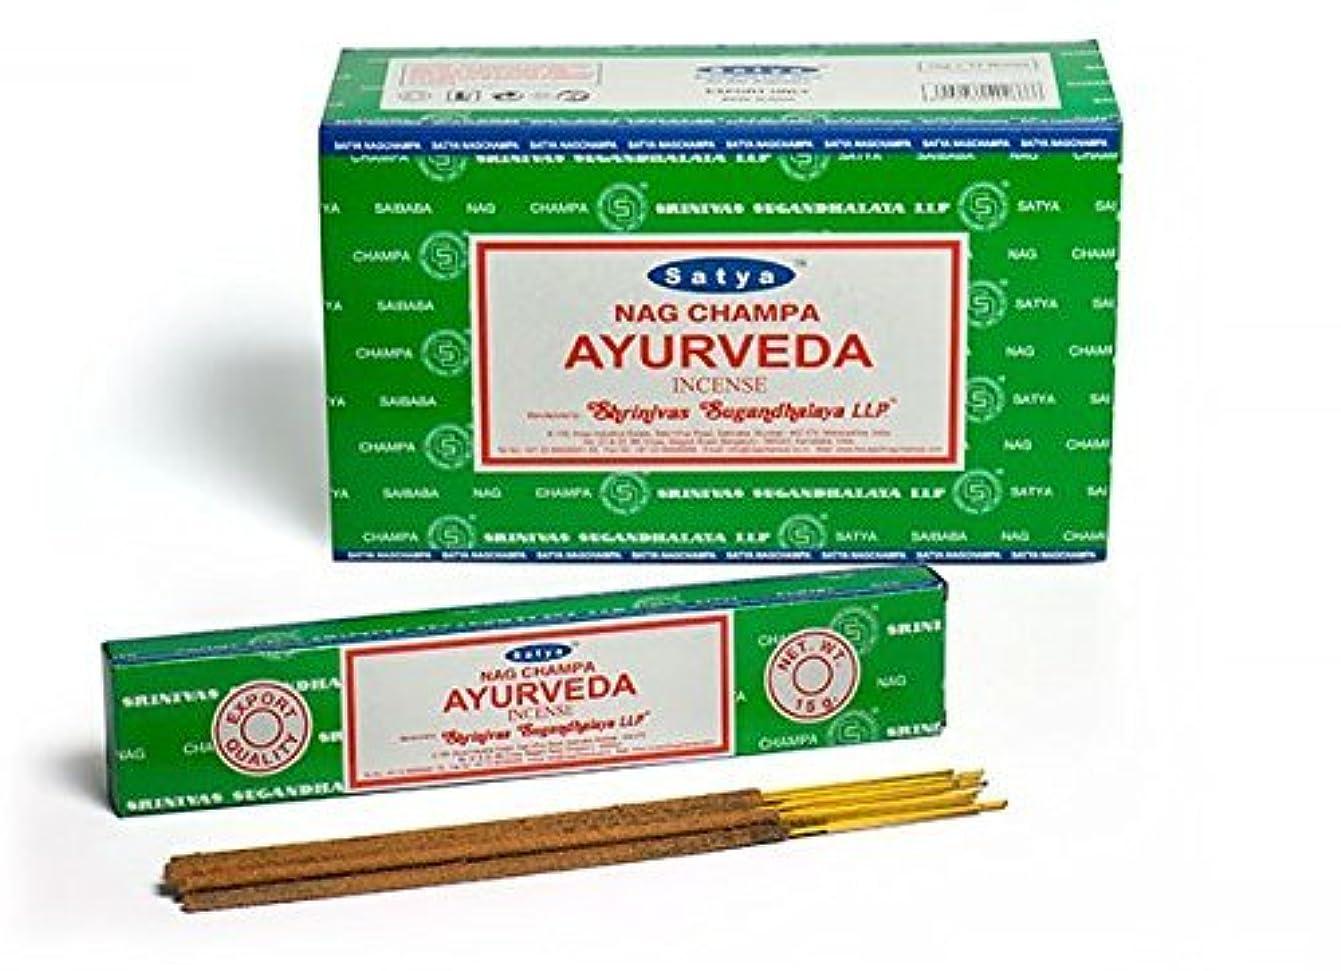 香り未知のレガシーBuycrafty Satya Champa Ayurveda Incense Stick,180 Grams Box (15g x 12 Boxes)